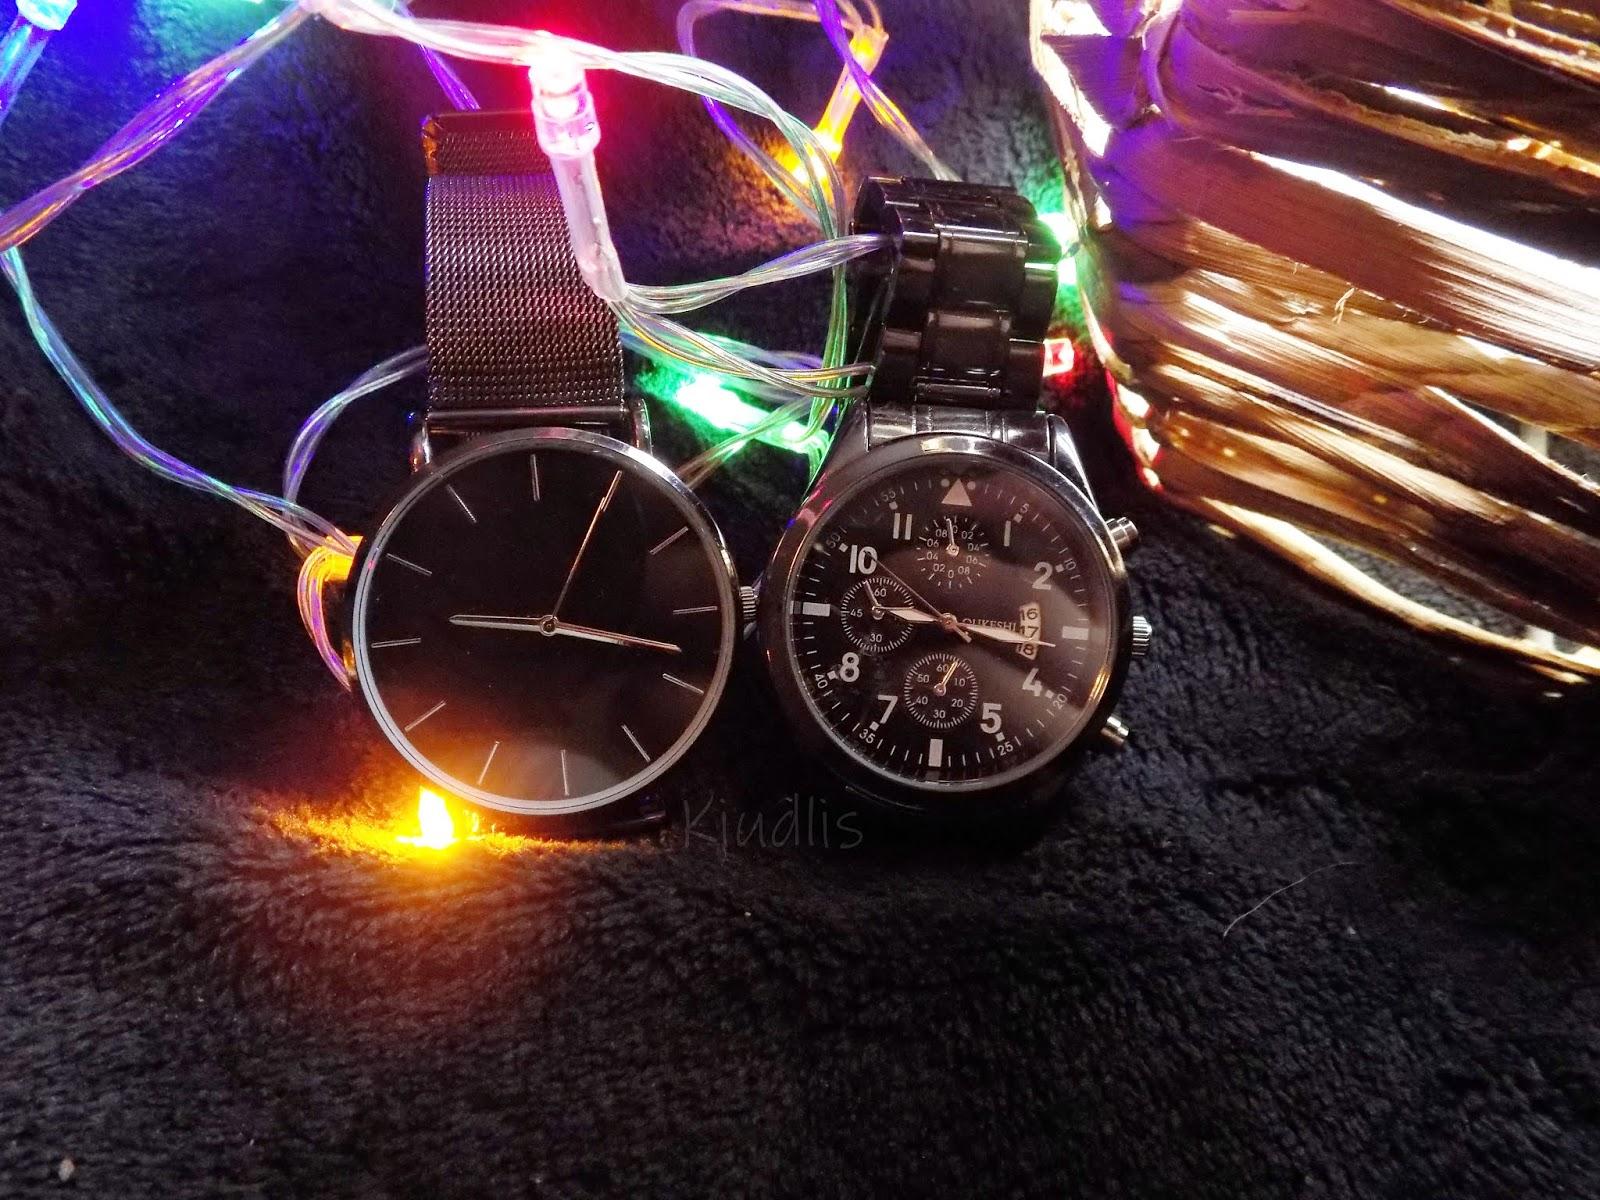 Mierzmy czas dzięki zegarkom z Dresslily.